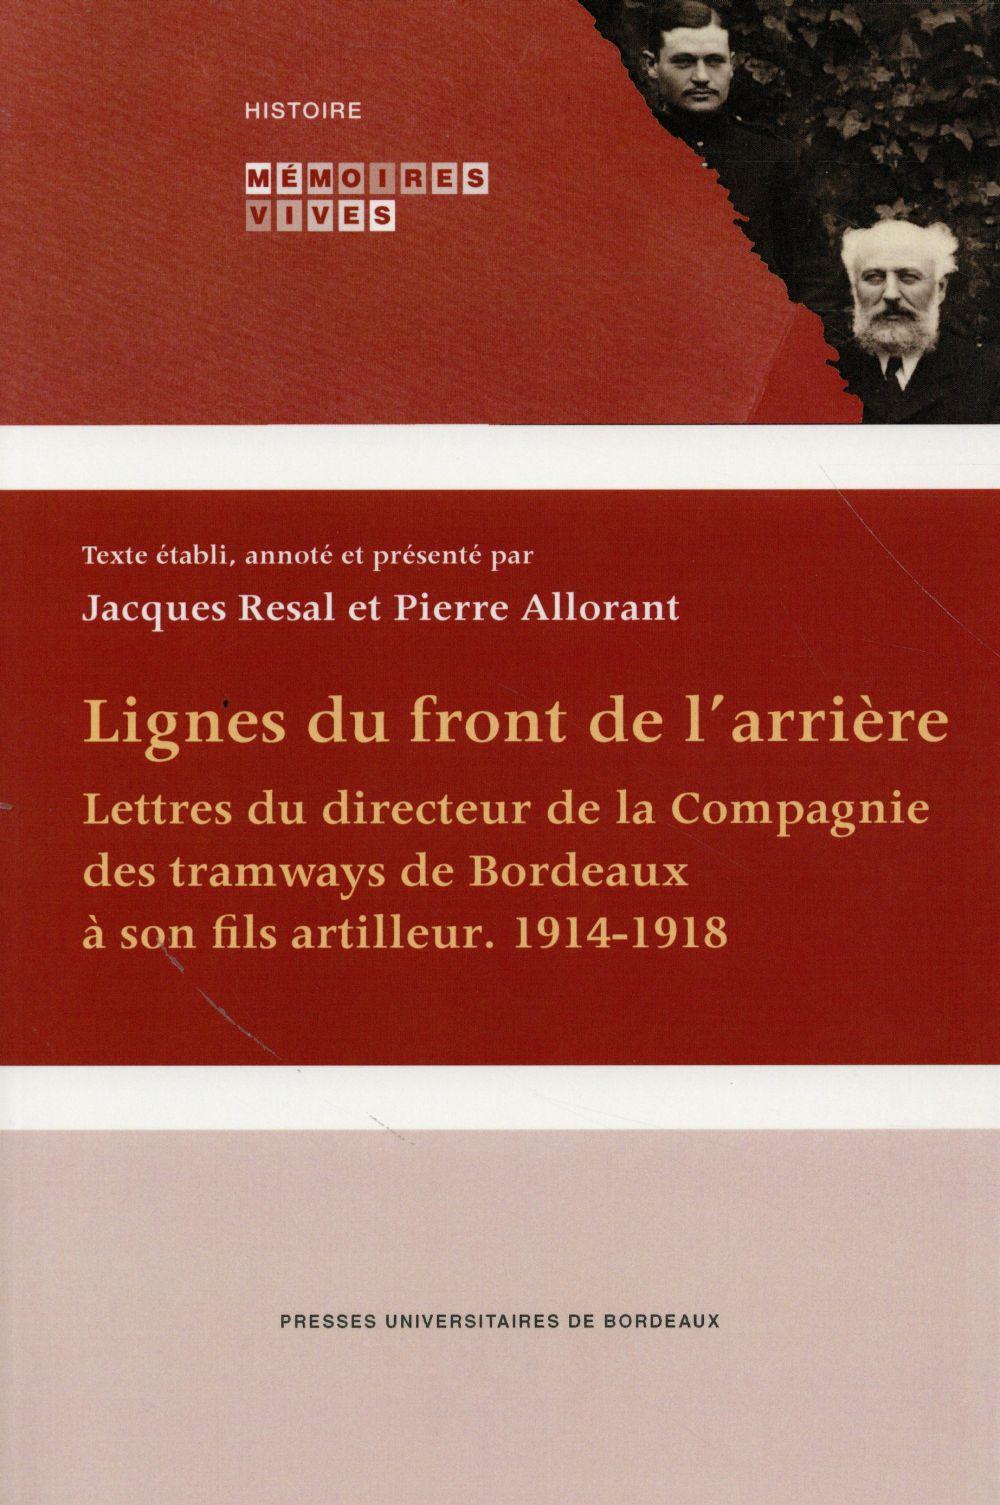 LIGNES DU FRONT DE L'ARRIERE LETTRES DU DIRECTEUR DE LA COMPAGNIE DES TRAMWAYS DE BORDEAUX A SON FIL